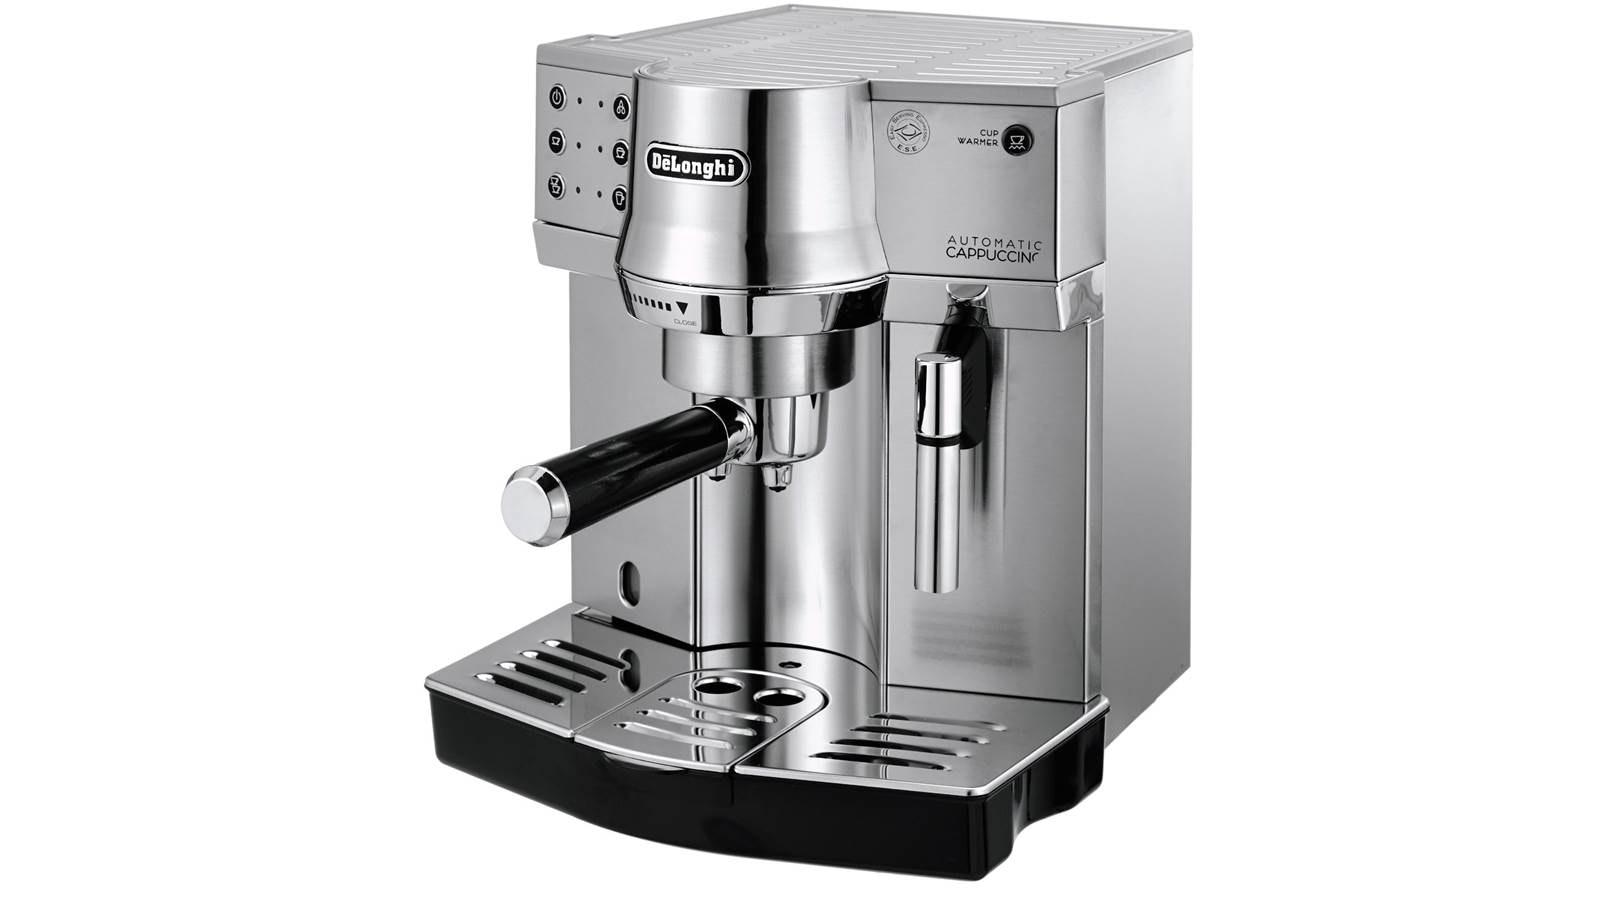 de u0026 39 longhi ec860 m coffee machine